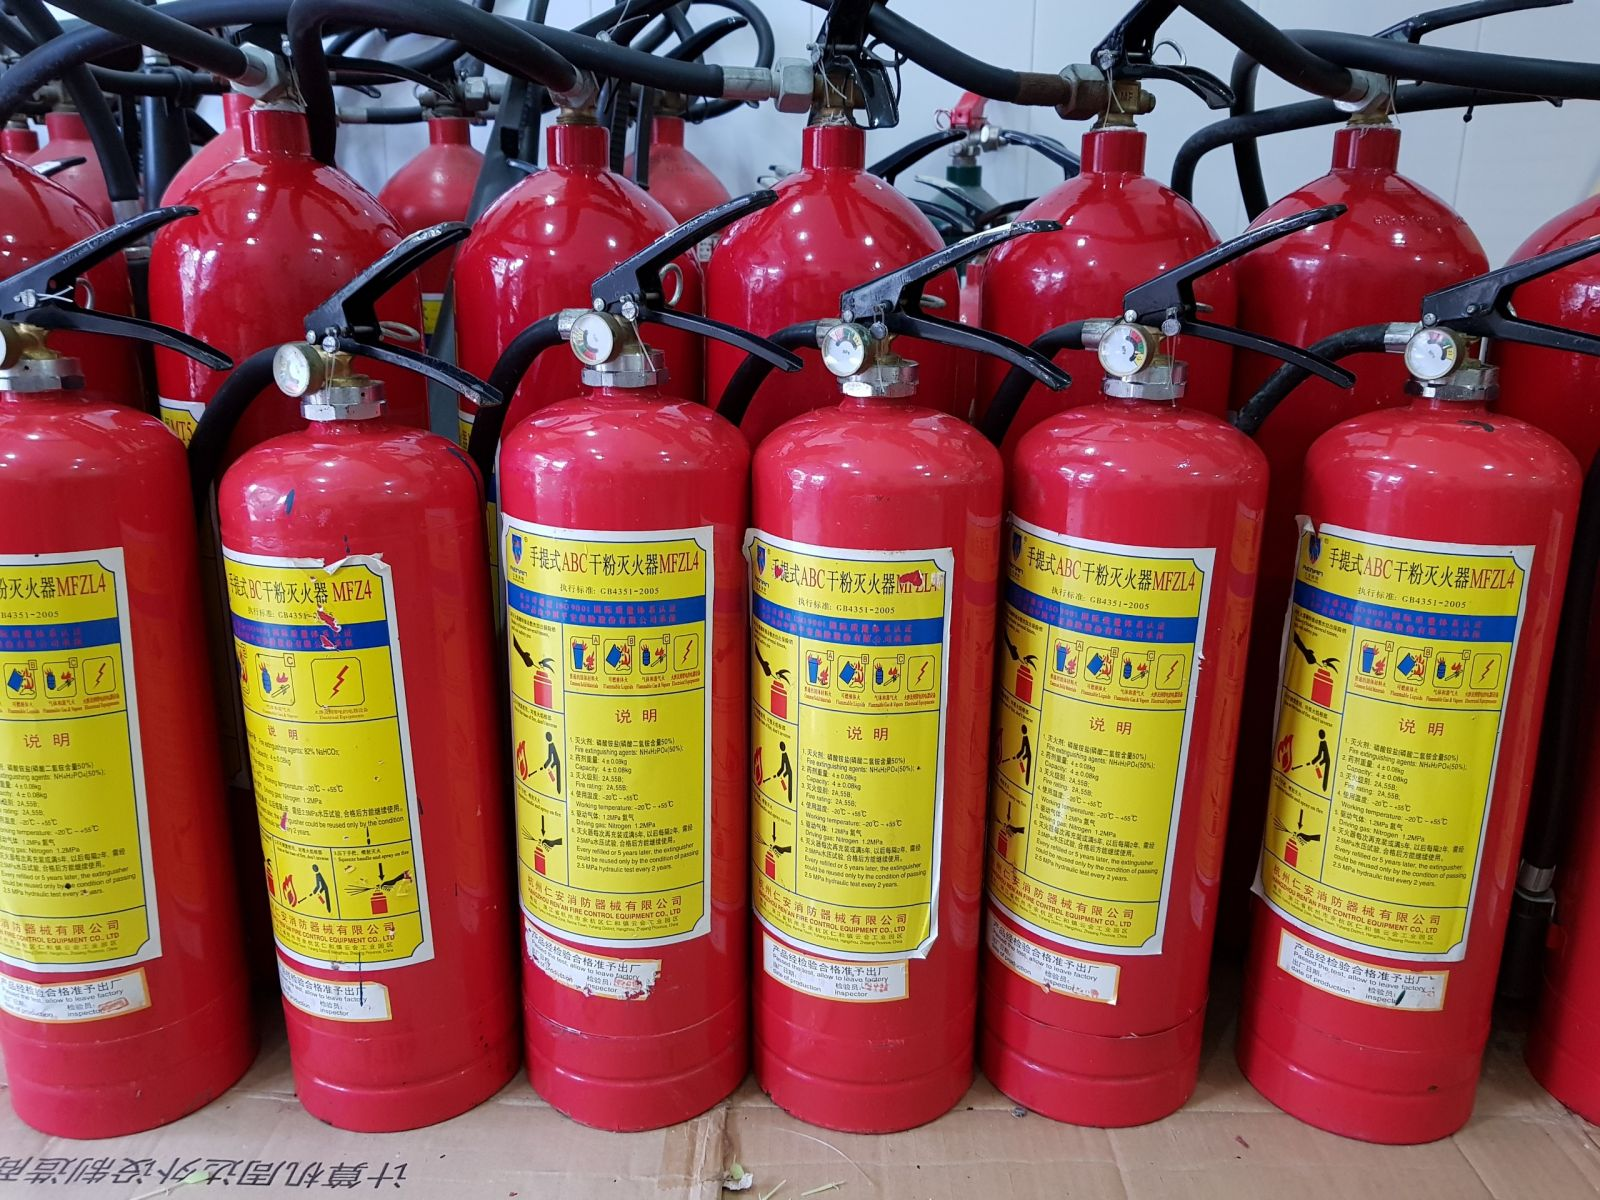 Bảo dưỡng bình chữa cháy định kỳ là điều cần thiết